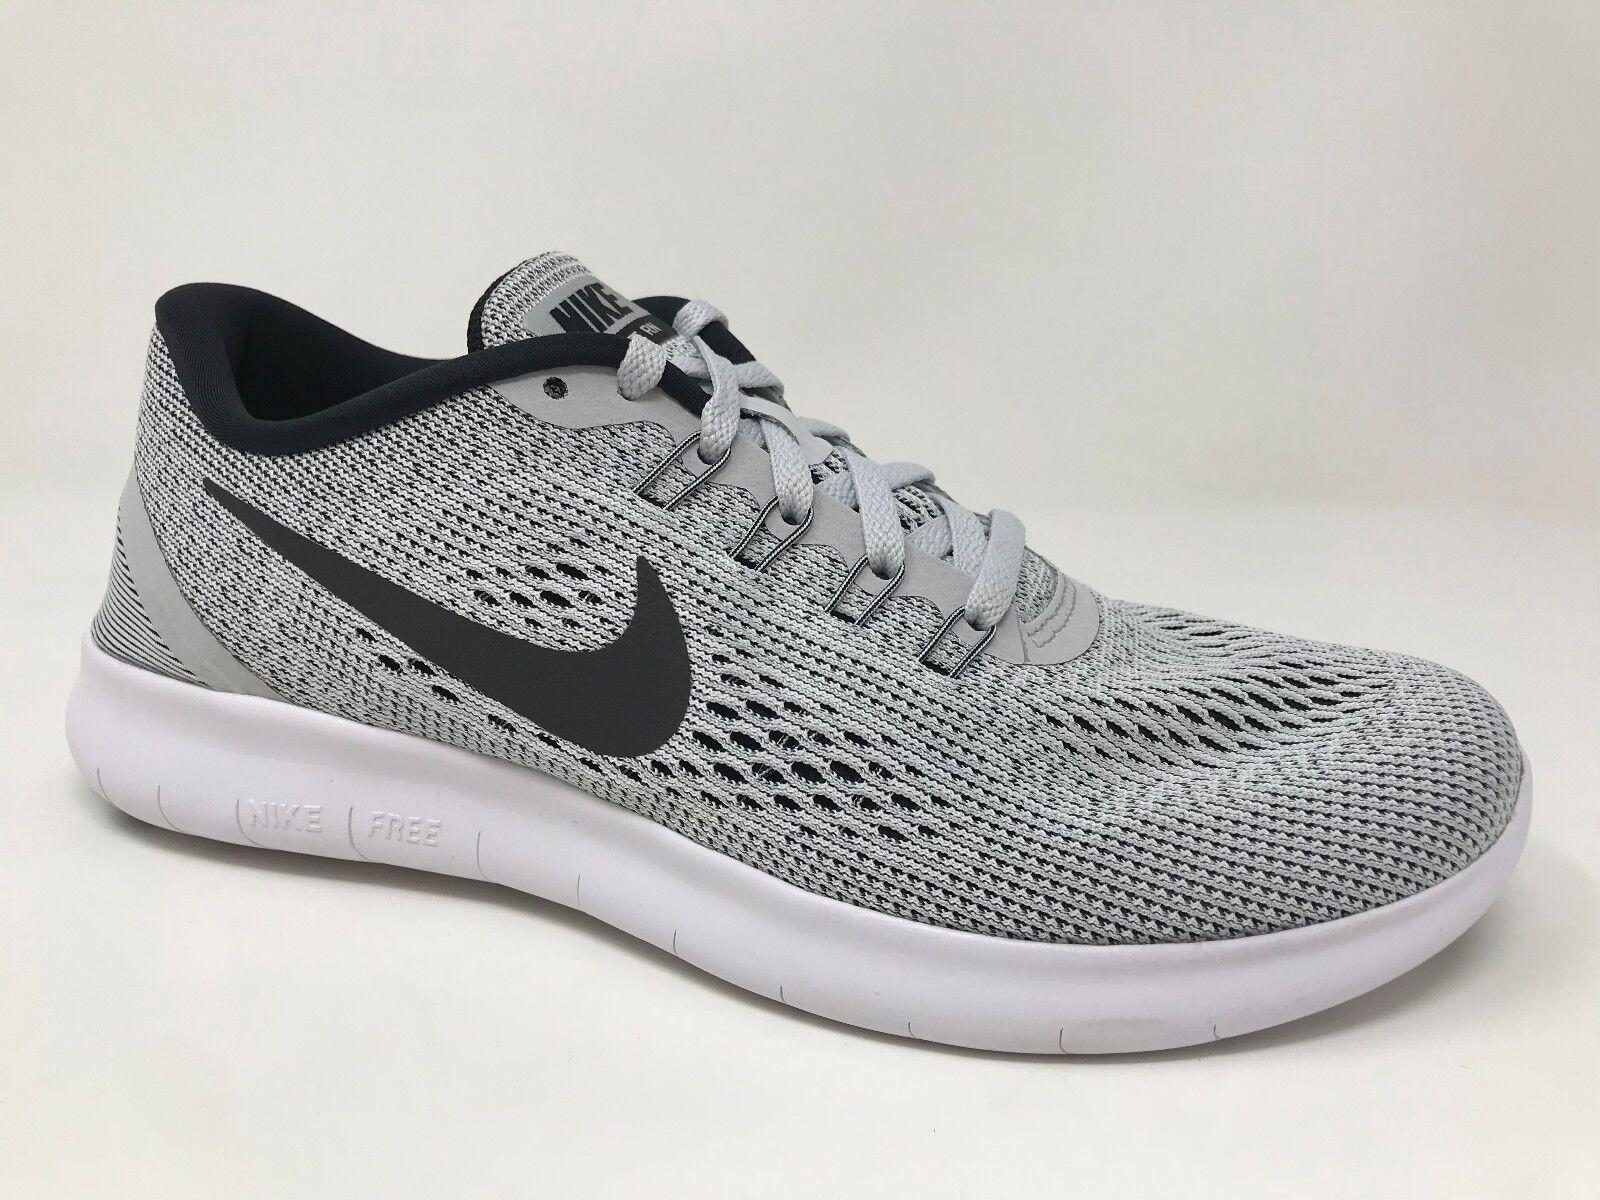 NEW Womens Nike Free Running Shoe Black/White 831509-101 R65